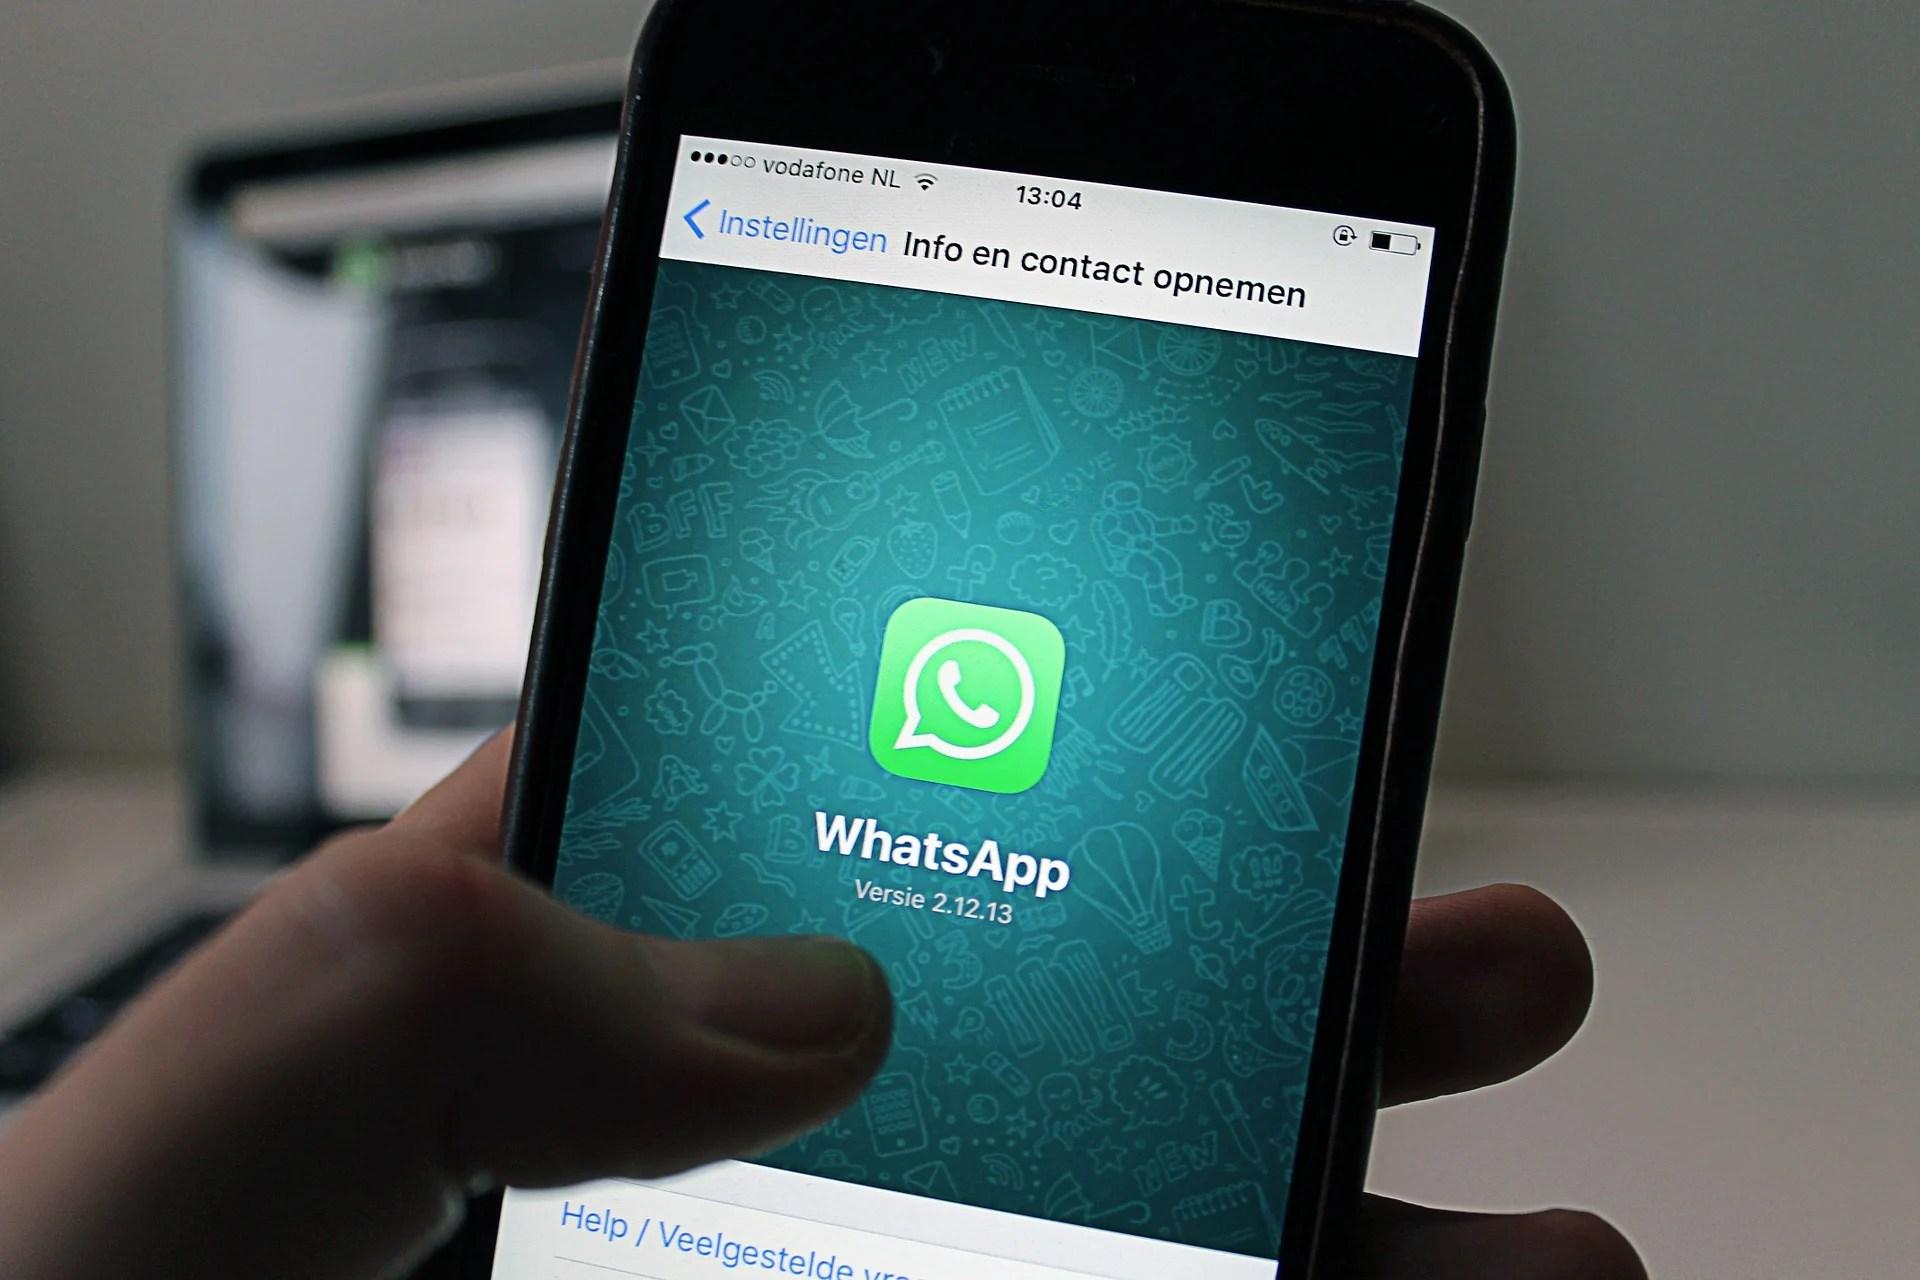 WhatsApp, Skype et leurs concurrents dans le viseur de la Commission européenne